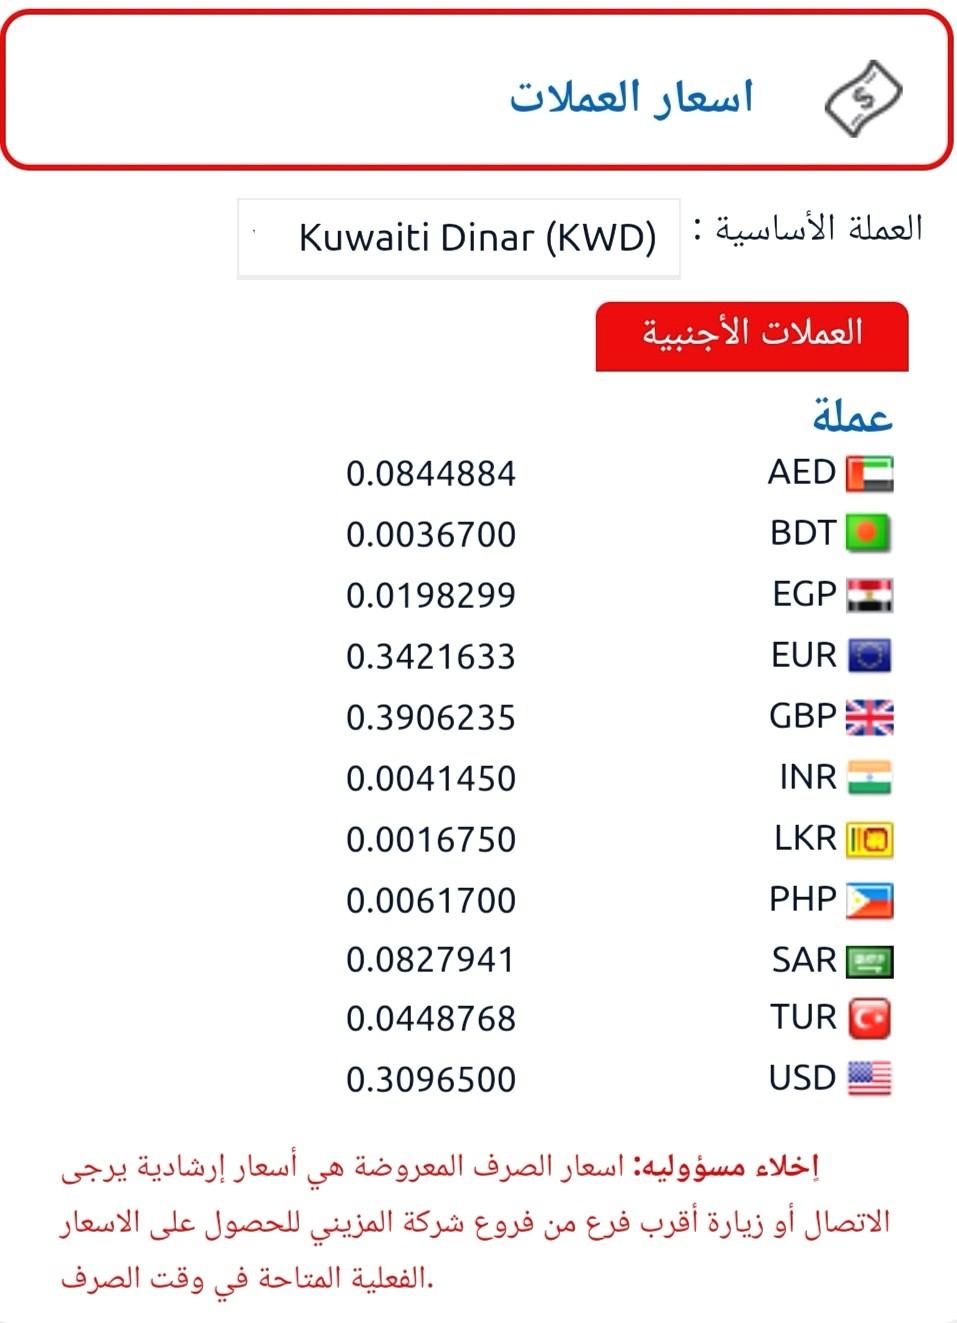 الدينار الكويتى مقابل العملات المزيني تحويل اون لاين ارقام المزيني للصرافه ١٠ مايو